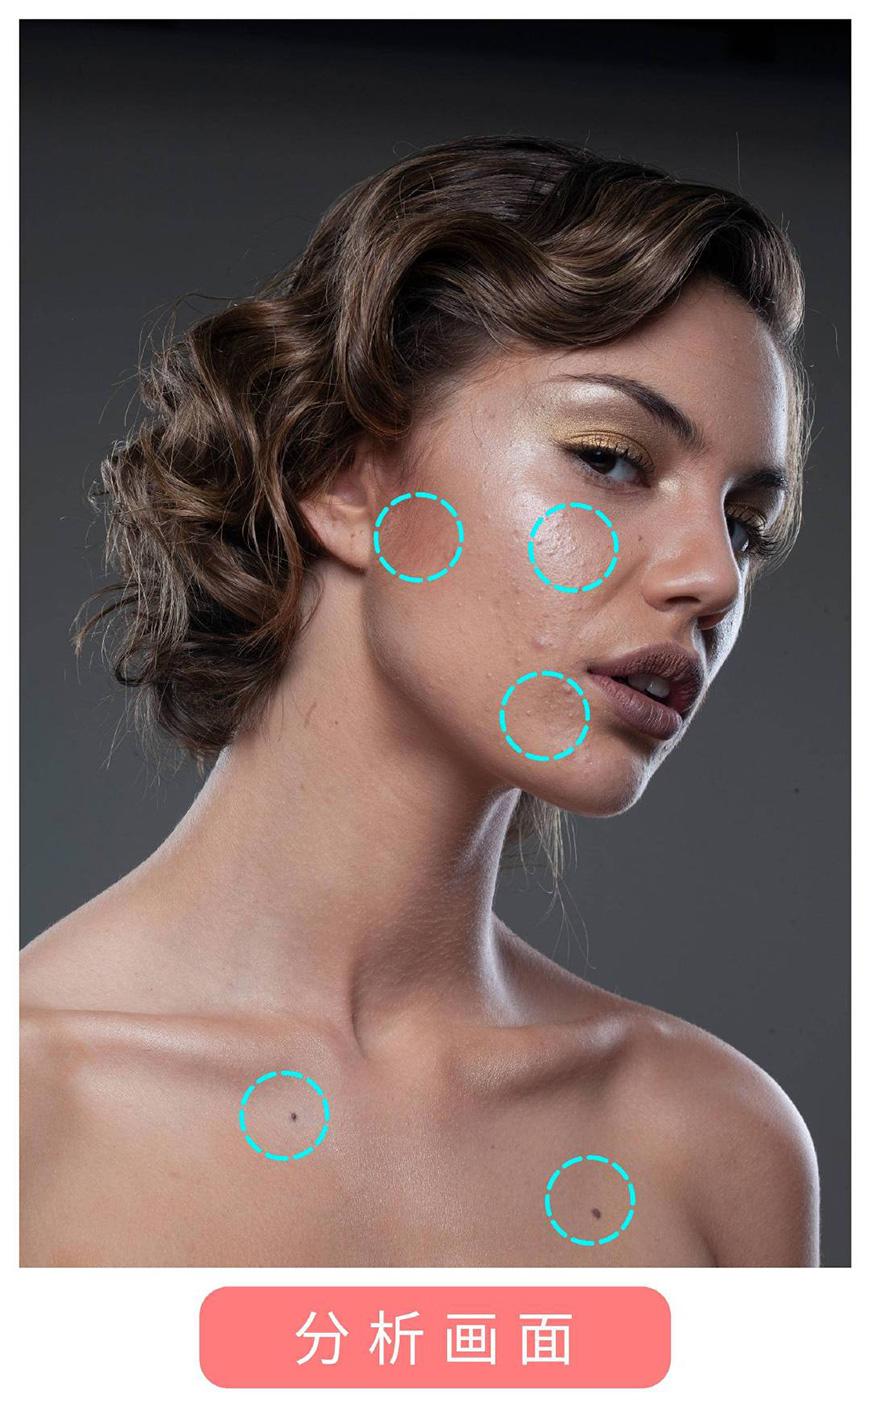 Photoshop详解商业磨皮中如何提升照片质感